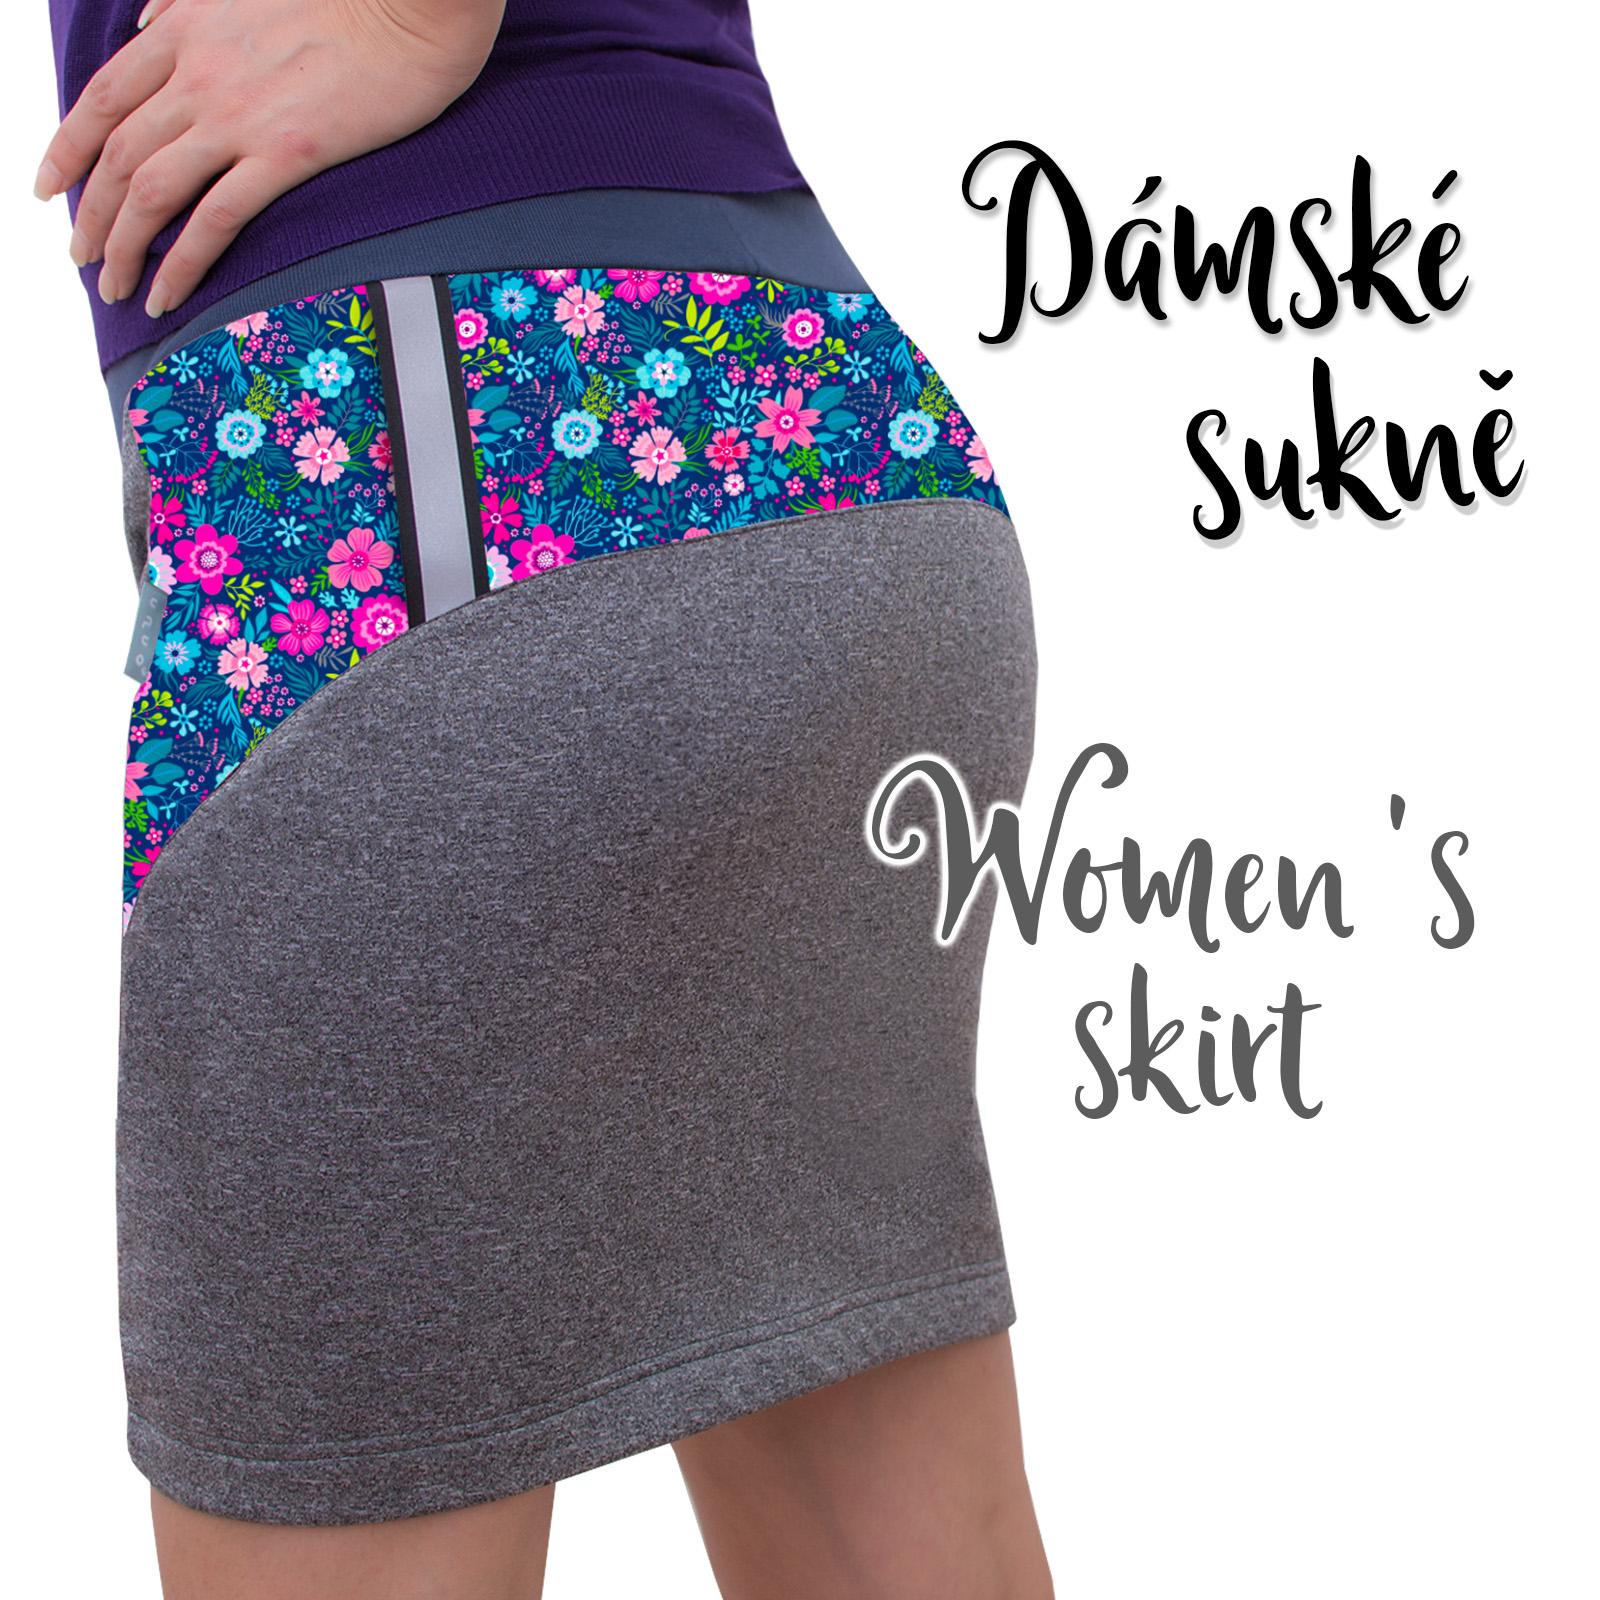 Dámské sukně (Women´s skirt)